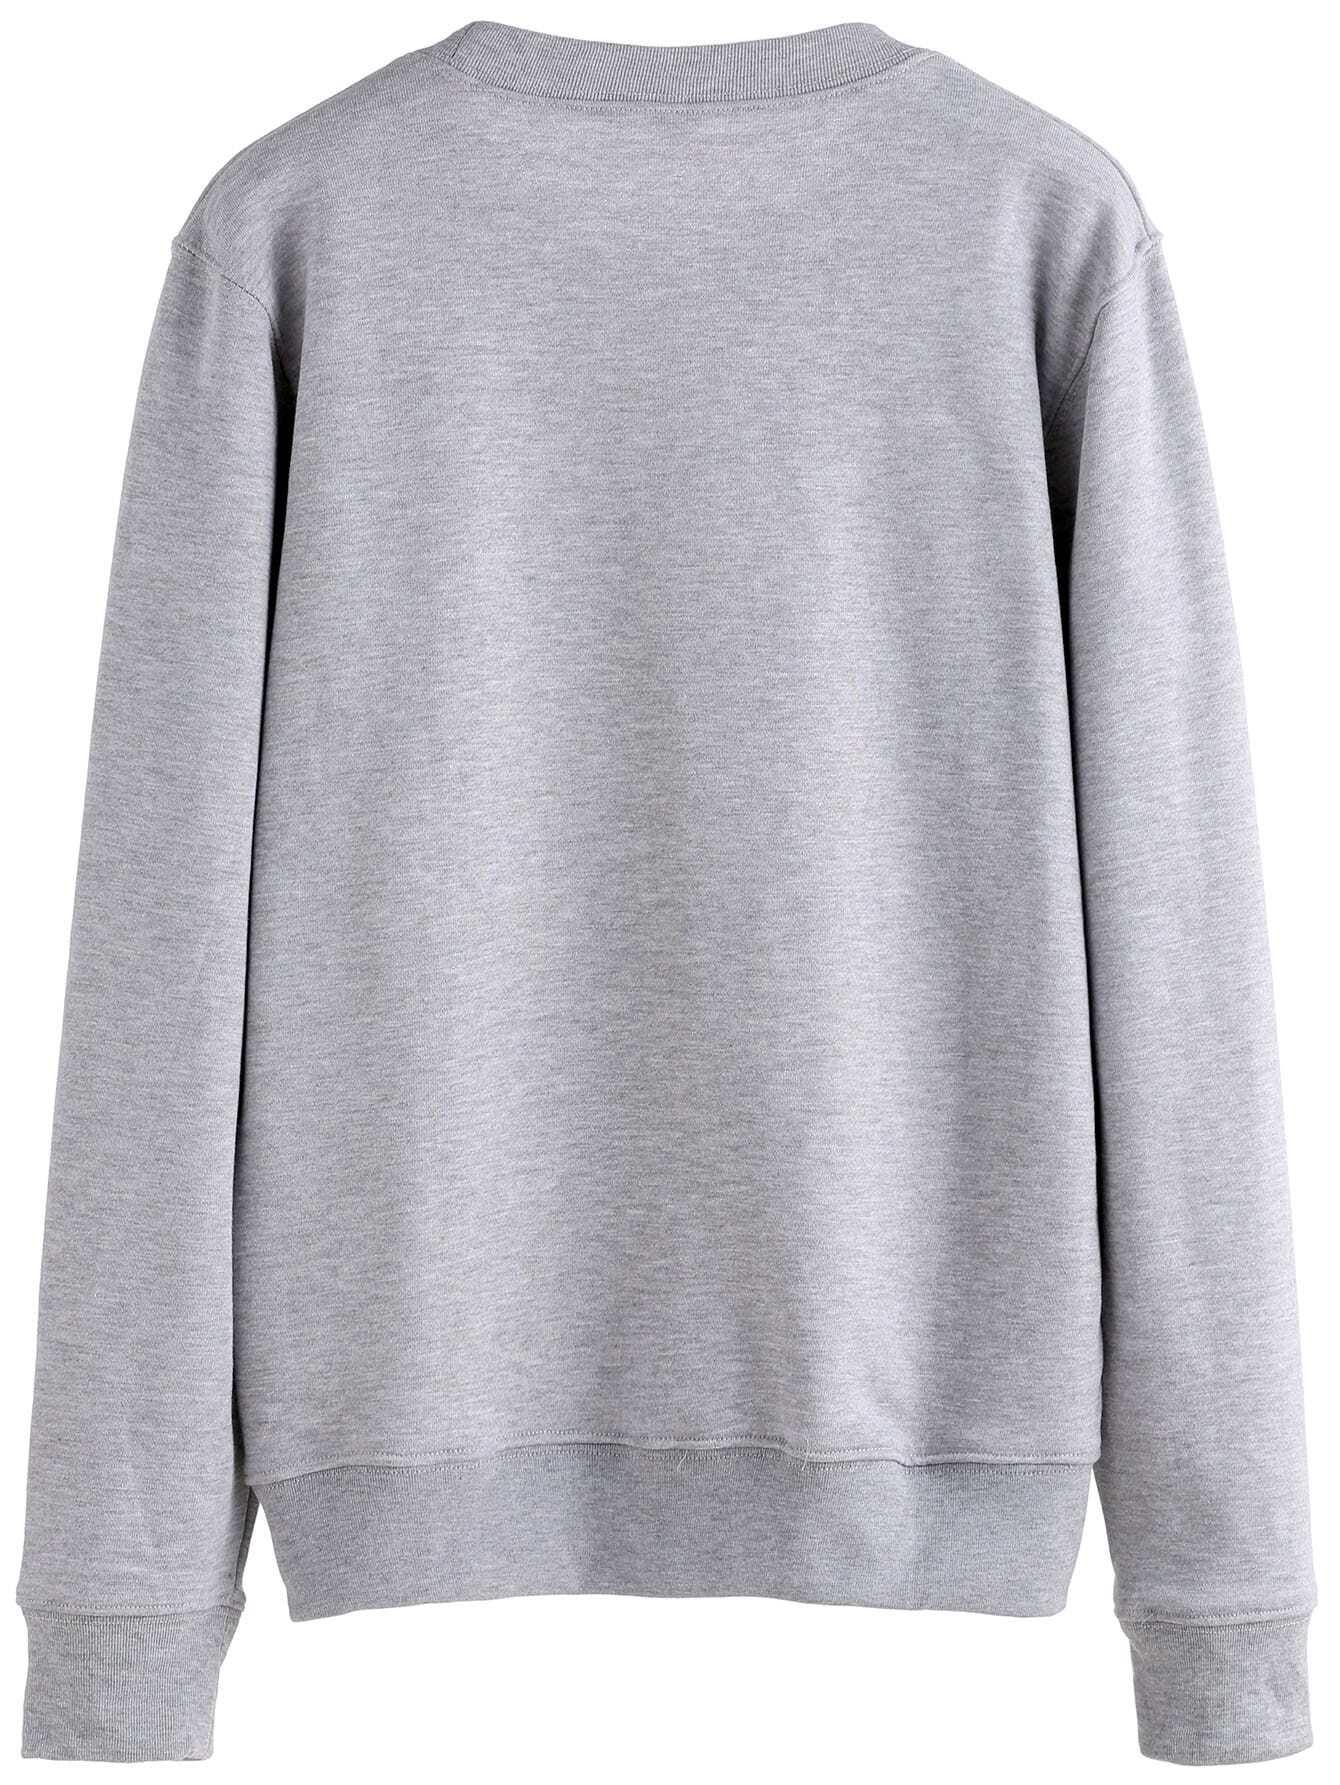 sweatshirt160907322_2